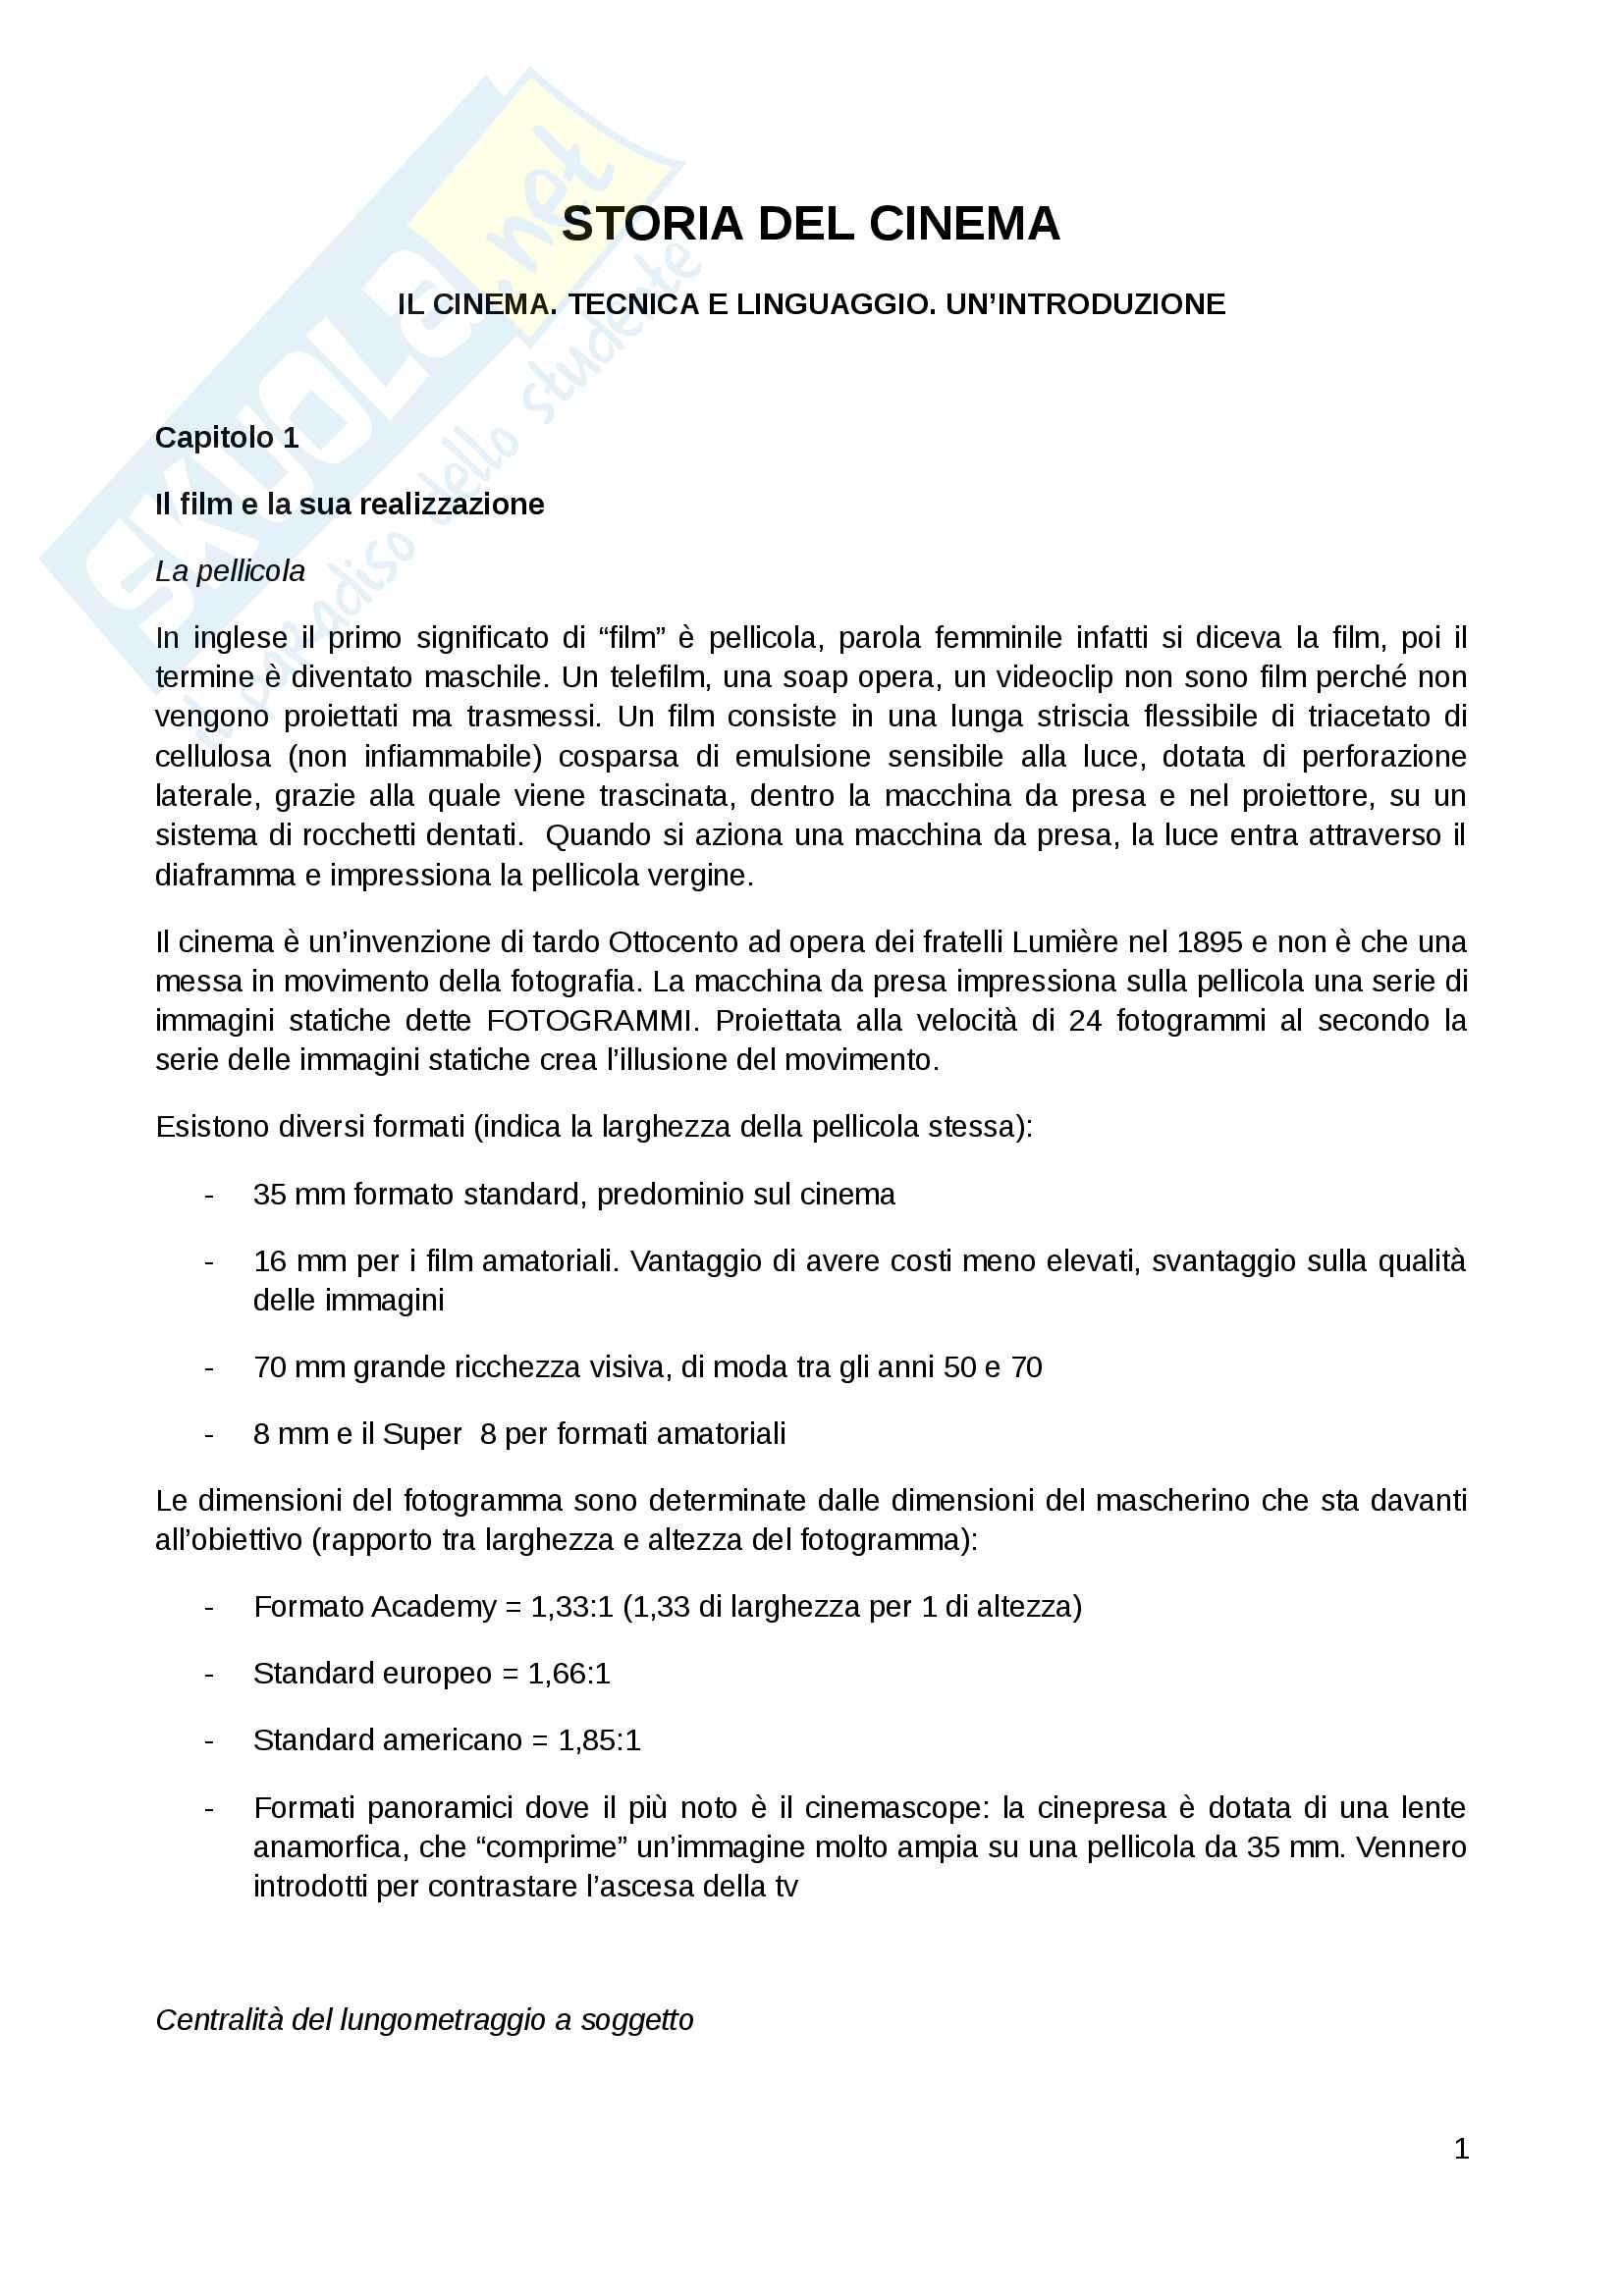 Riassunto esame storia del cinema, prof. G.Alonge. Libro consigliato Il cinema: tecnica e linguaggio. Un'introduzione, G.Alonge